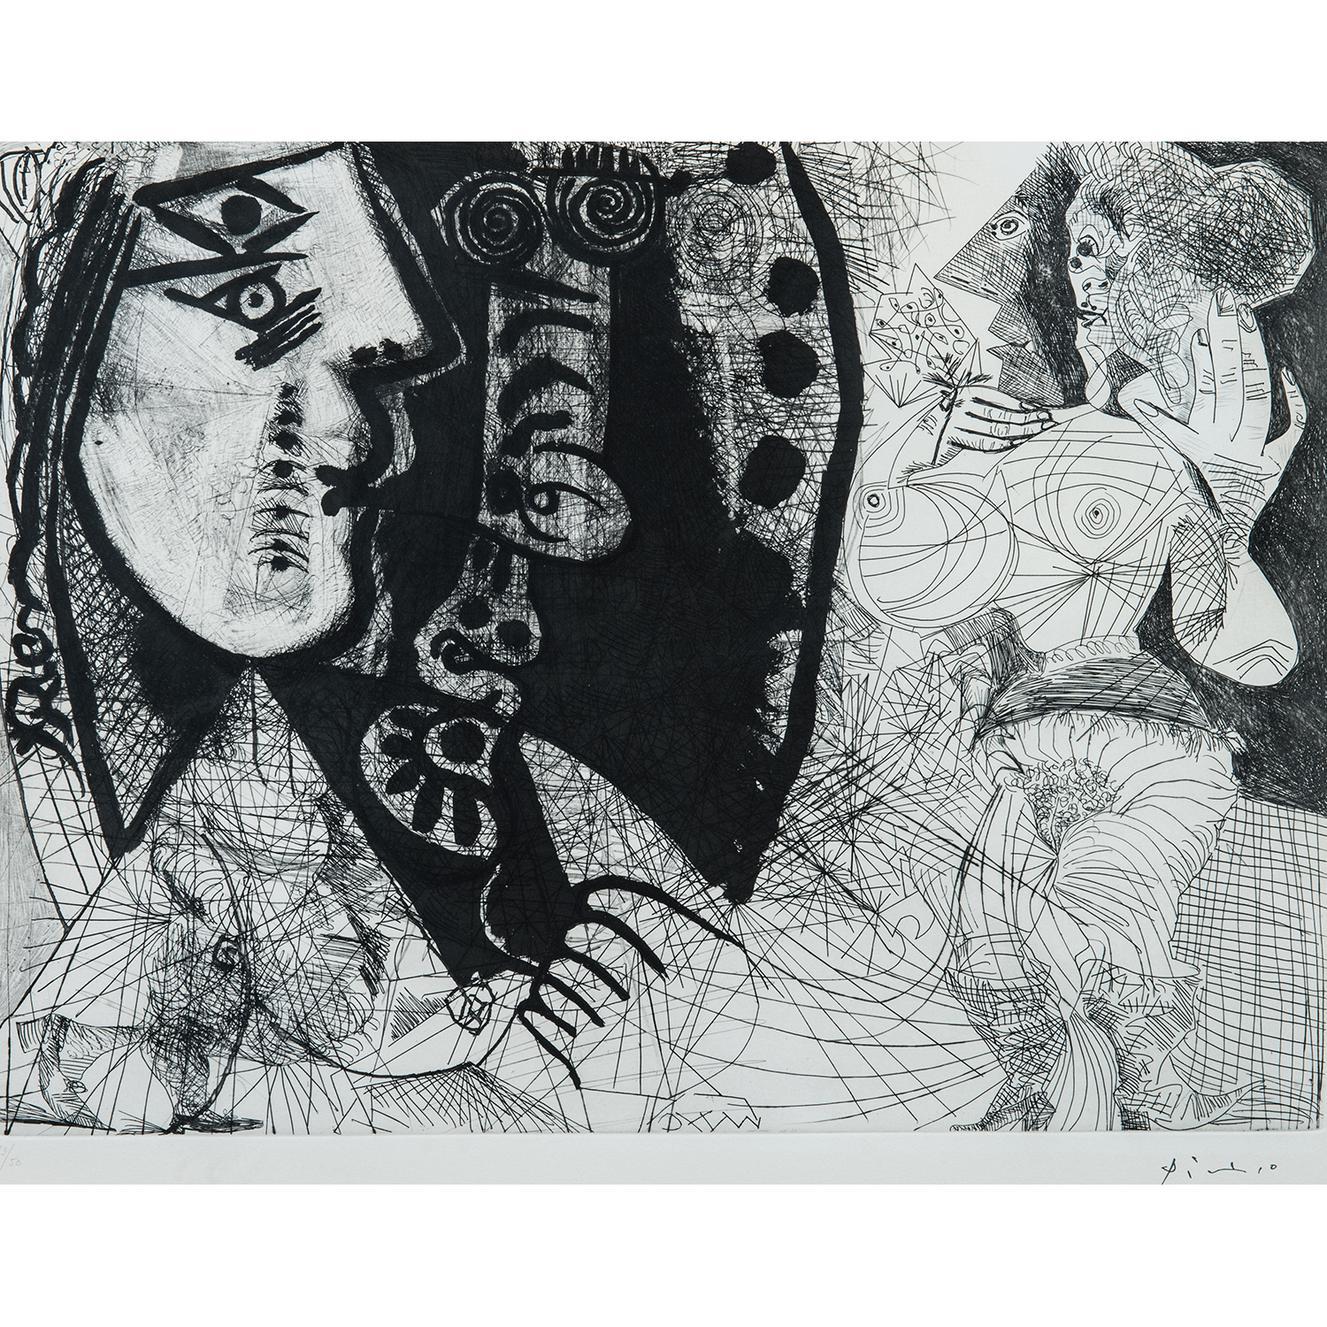 Pablo Picasso-1Er, 5 Mars 1972-